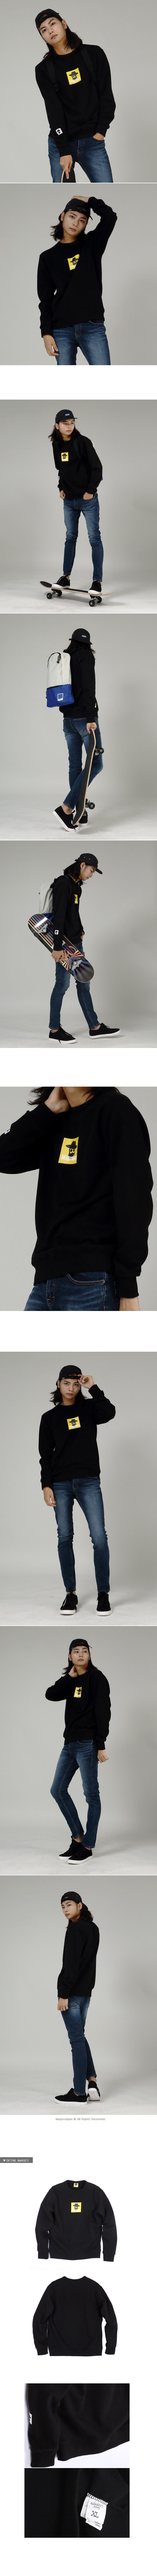 맥우드건 아카릿 3301-맥우드건 심볼(블랙)_크루넥 스웨트셔츠